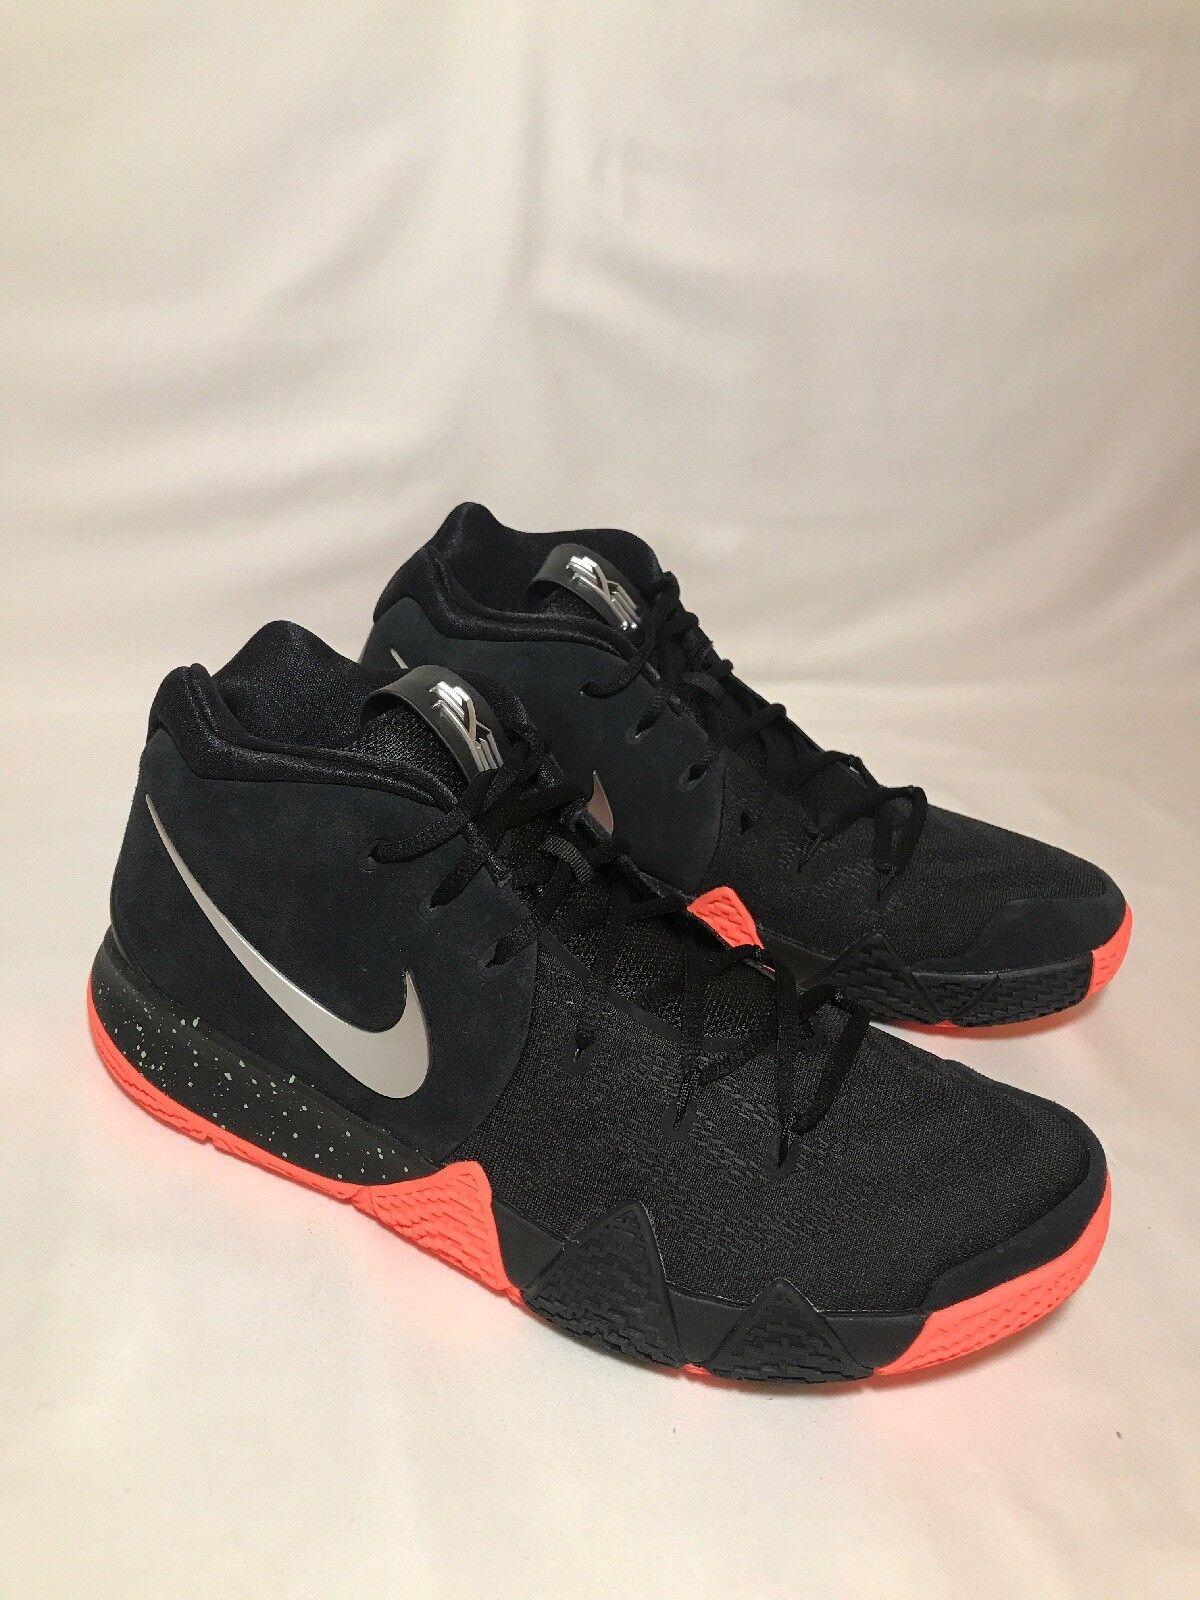 Nike Kyrie 4 Venus Flytrap Black Metallic Silver Men's Sz 11.5 (943806 010)